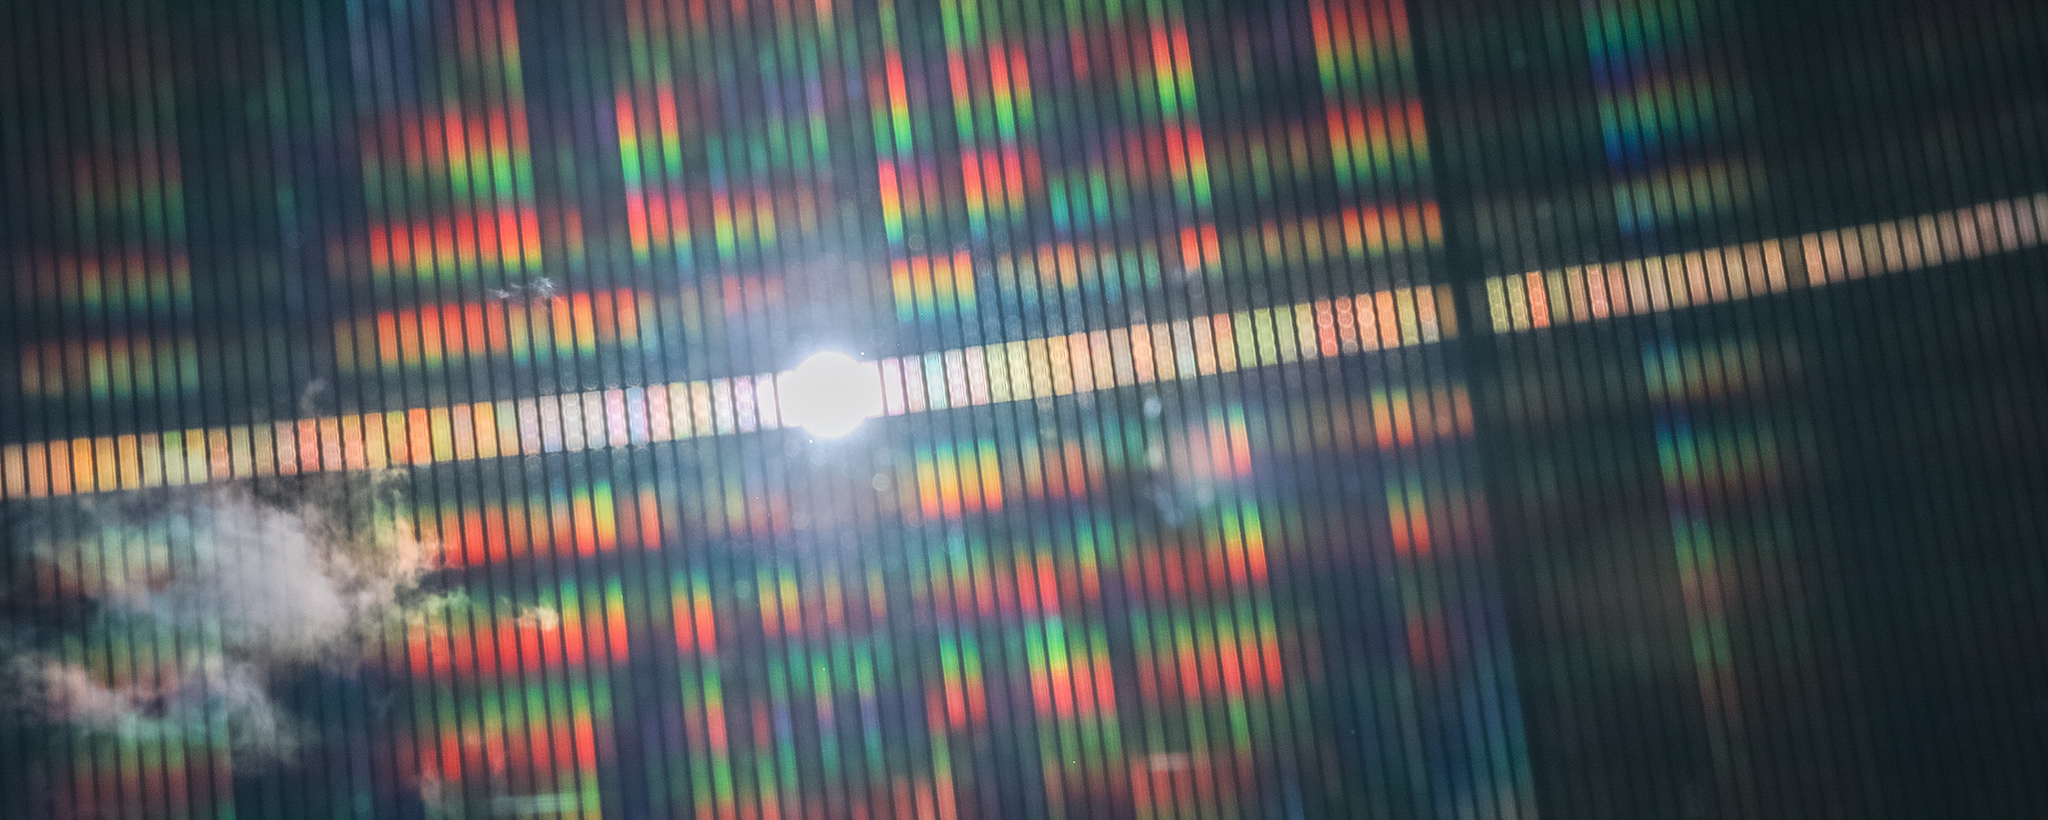 Solar Panel in the Sun